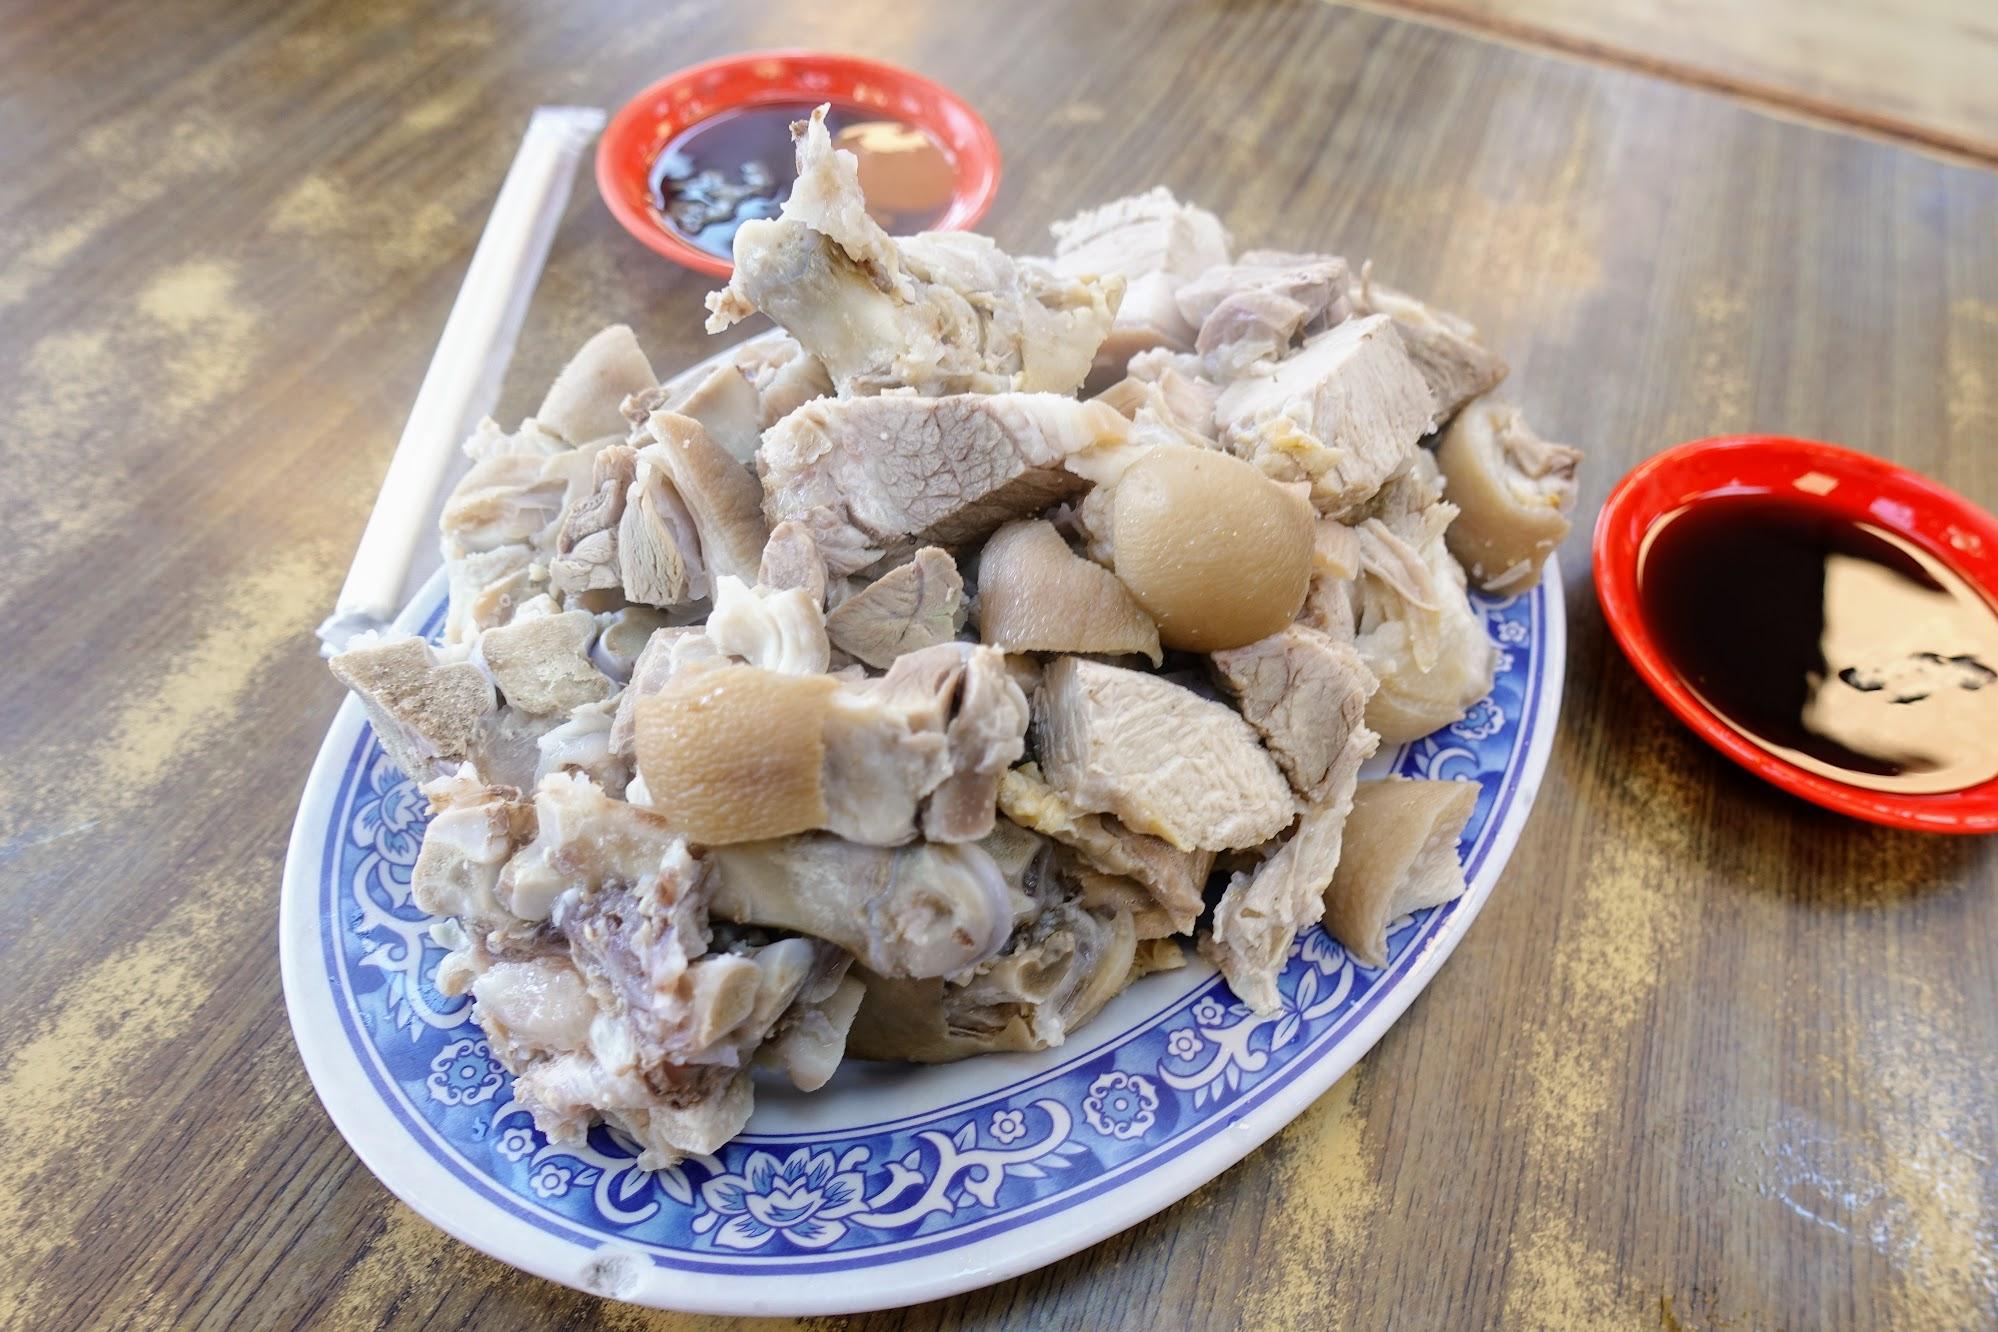 這家店特色就是豬腳,當然要來吃豬腳啊! 豬腳是水煮的,不是滷的或炸的喔!